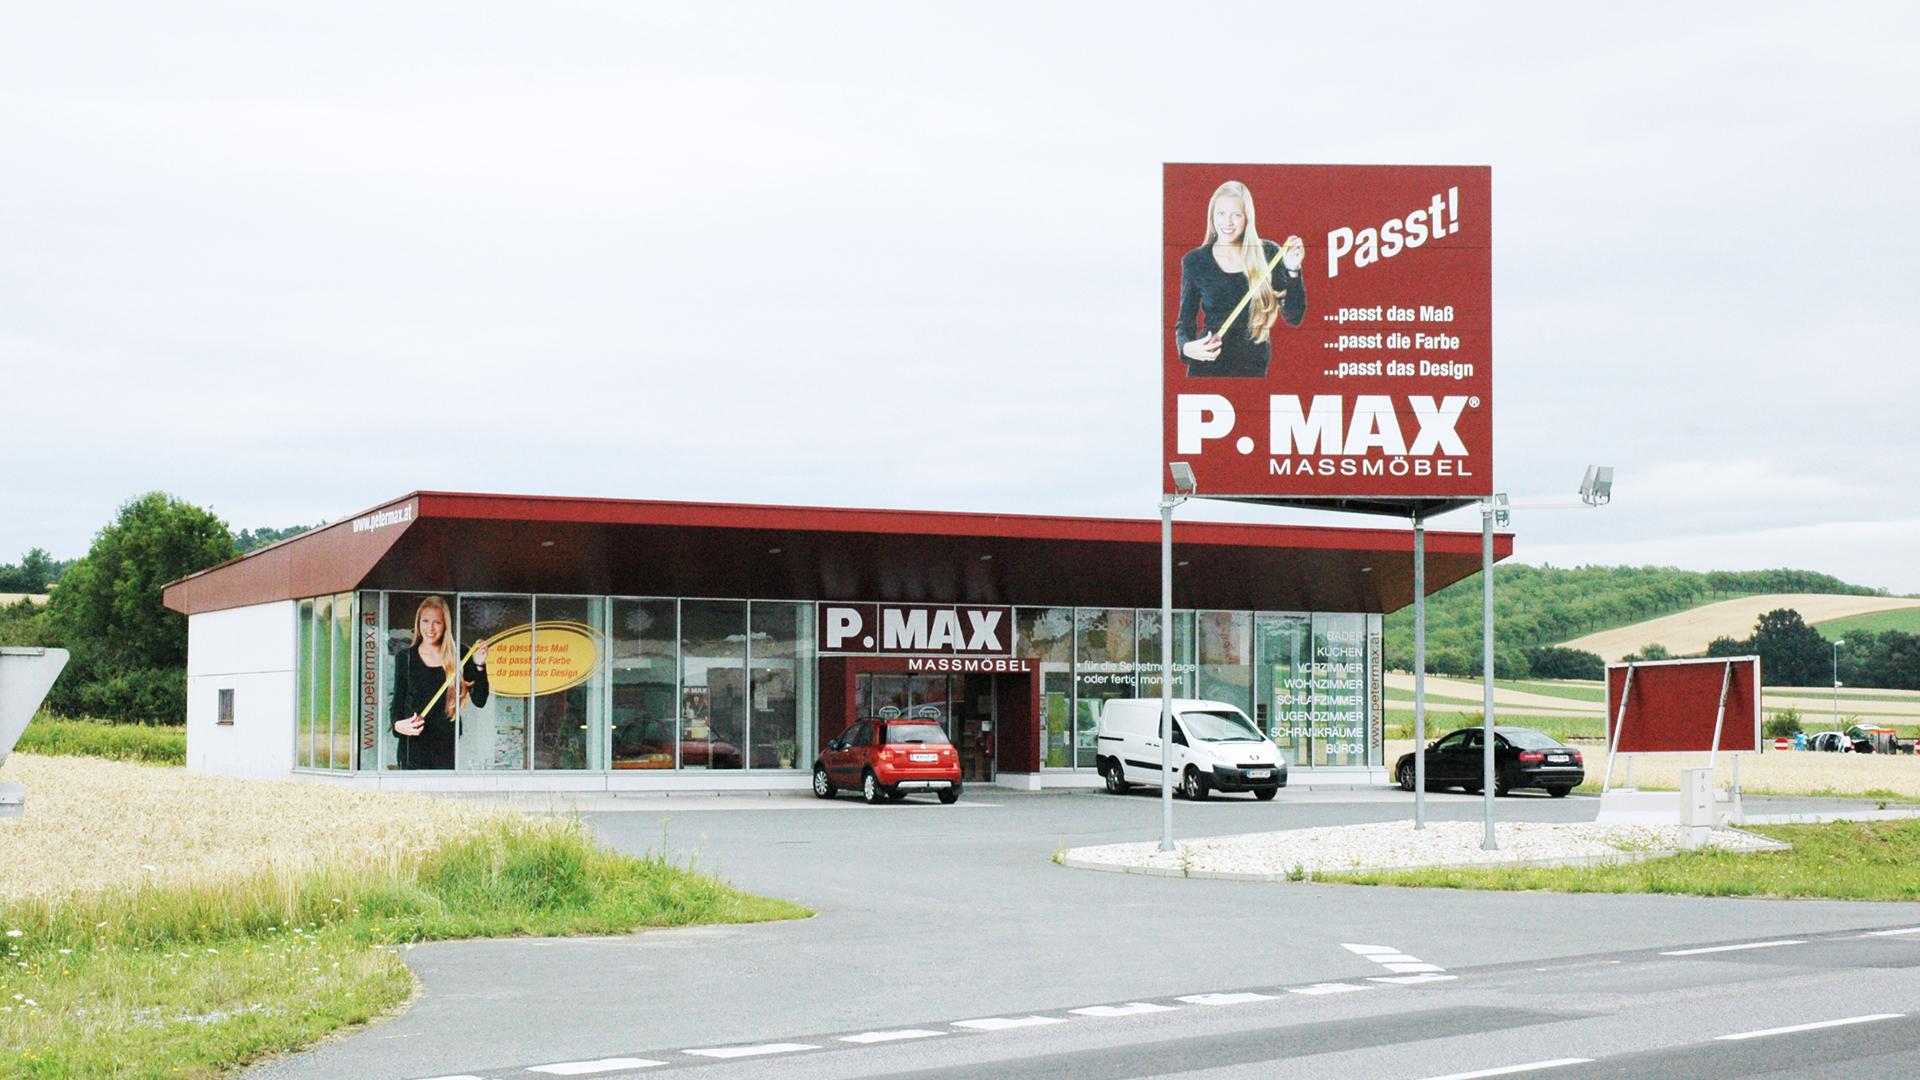 Pmax Filiale 7501 Unterwart Pmax Maßmöbel